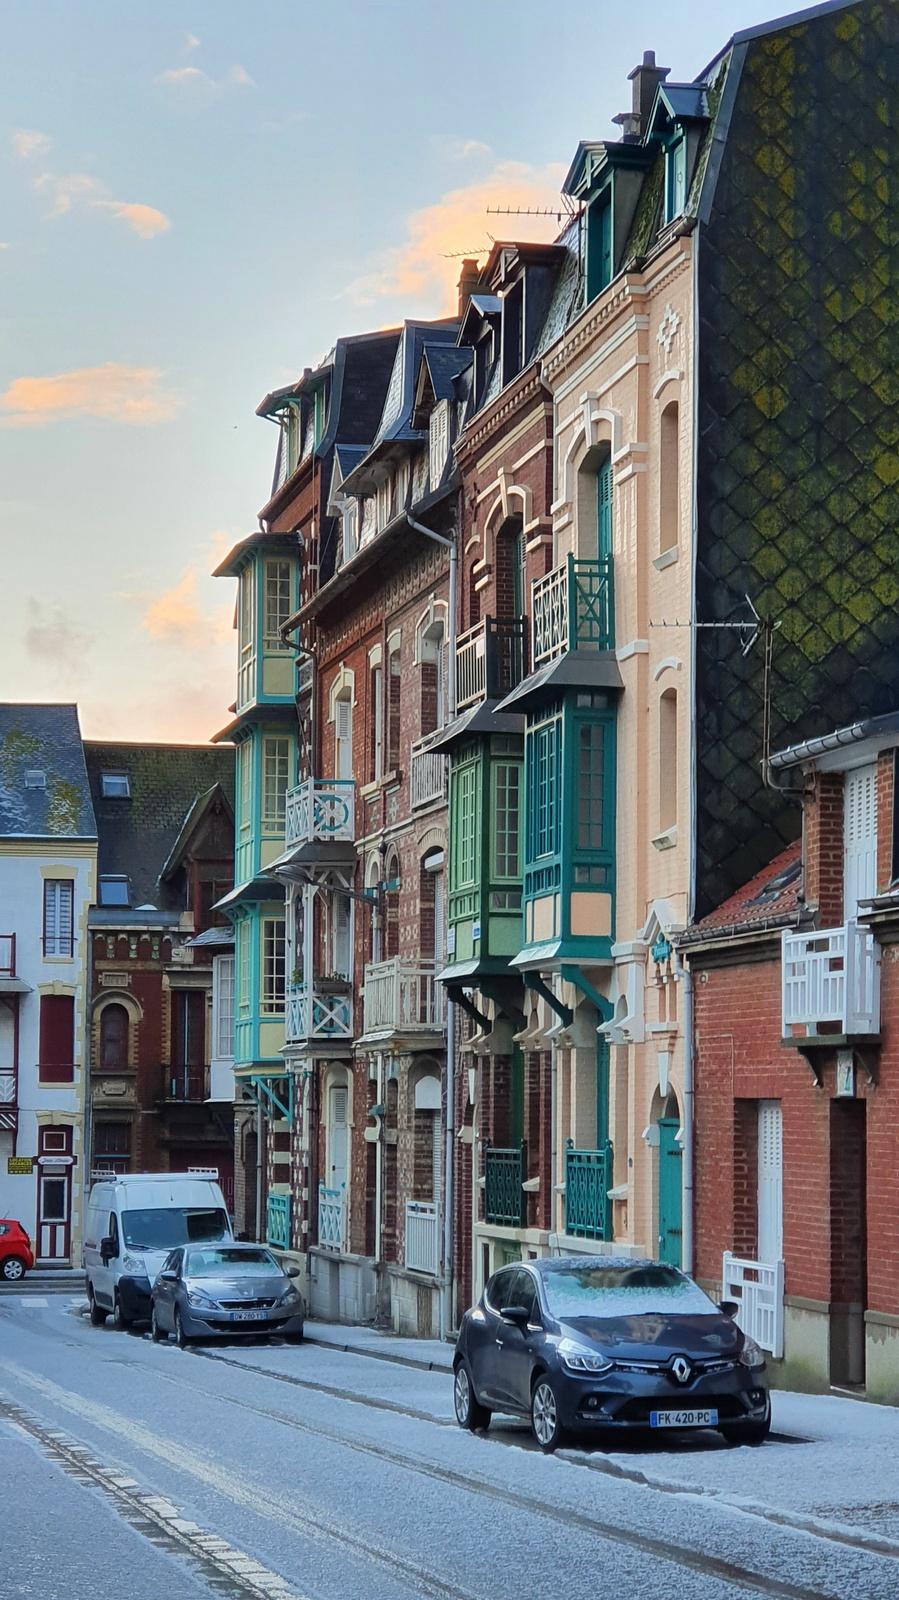 un week-end d'hiver les belles villas de Mers-les-Bains Escapades amoureuses